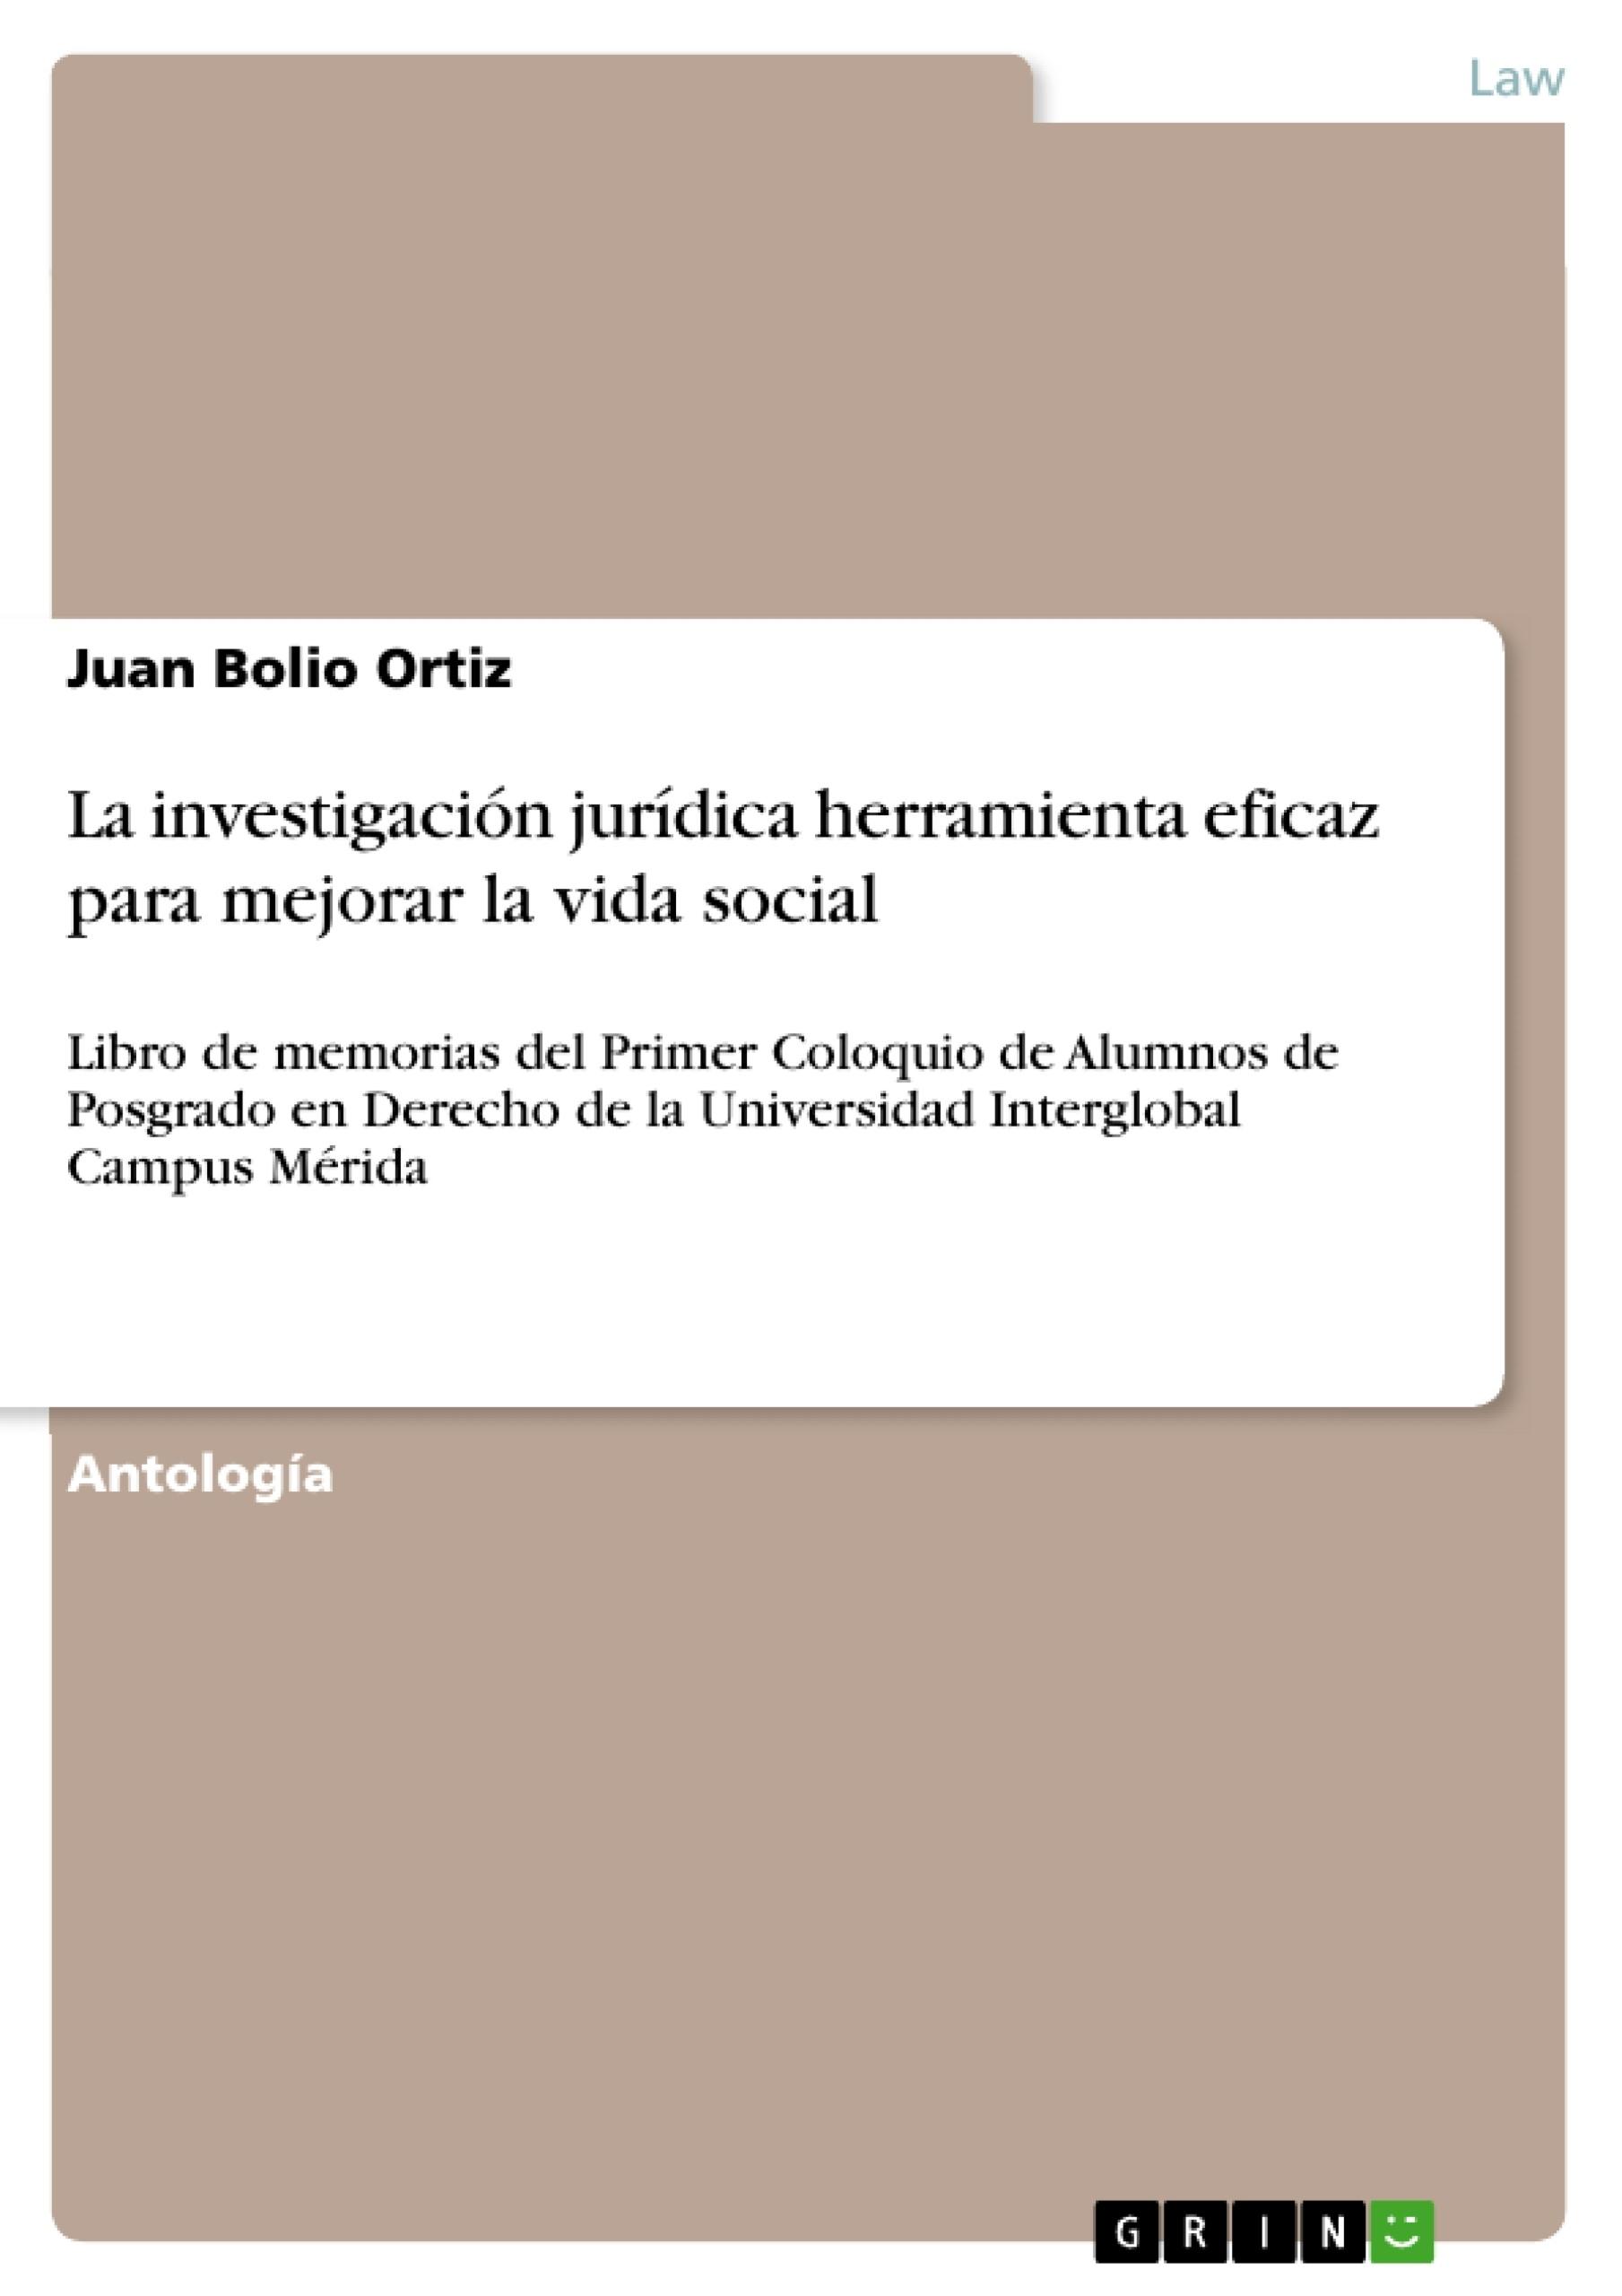 Título: La investigación jurídica herramienta eficaz para mejorar la vida social